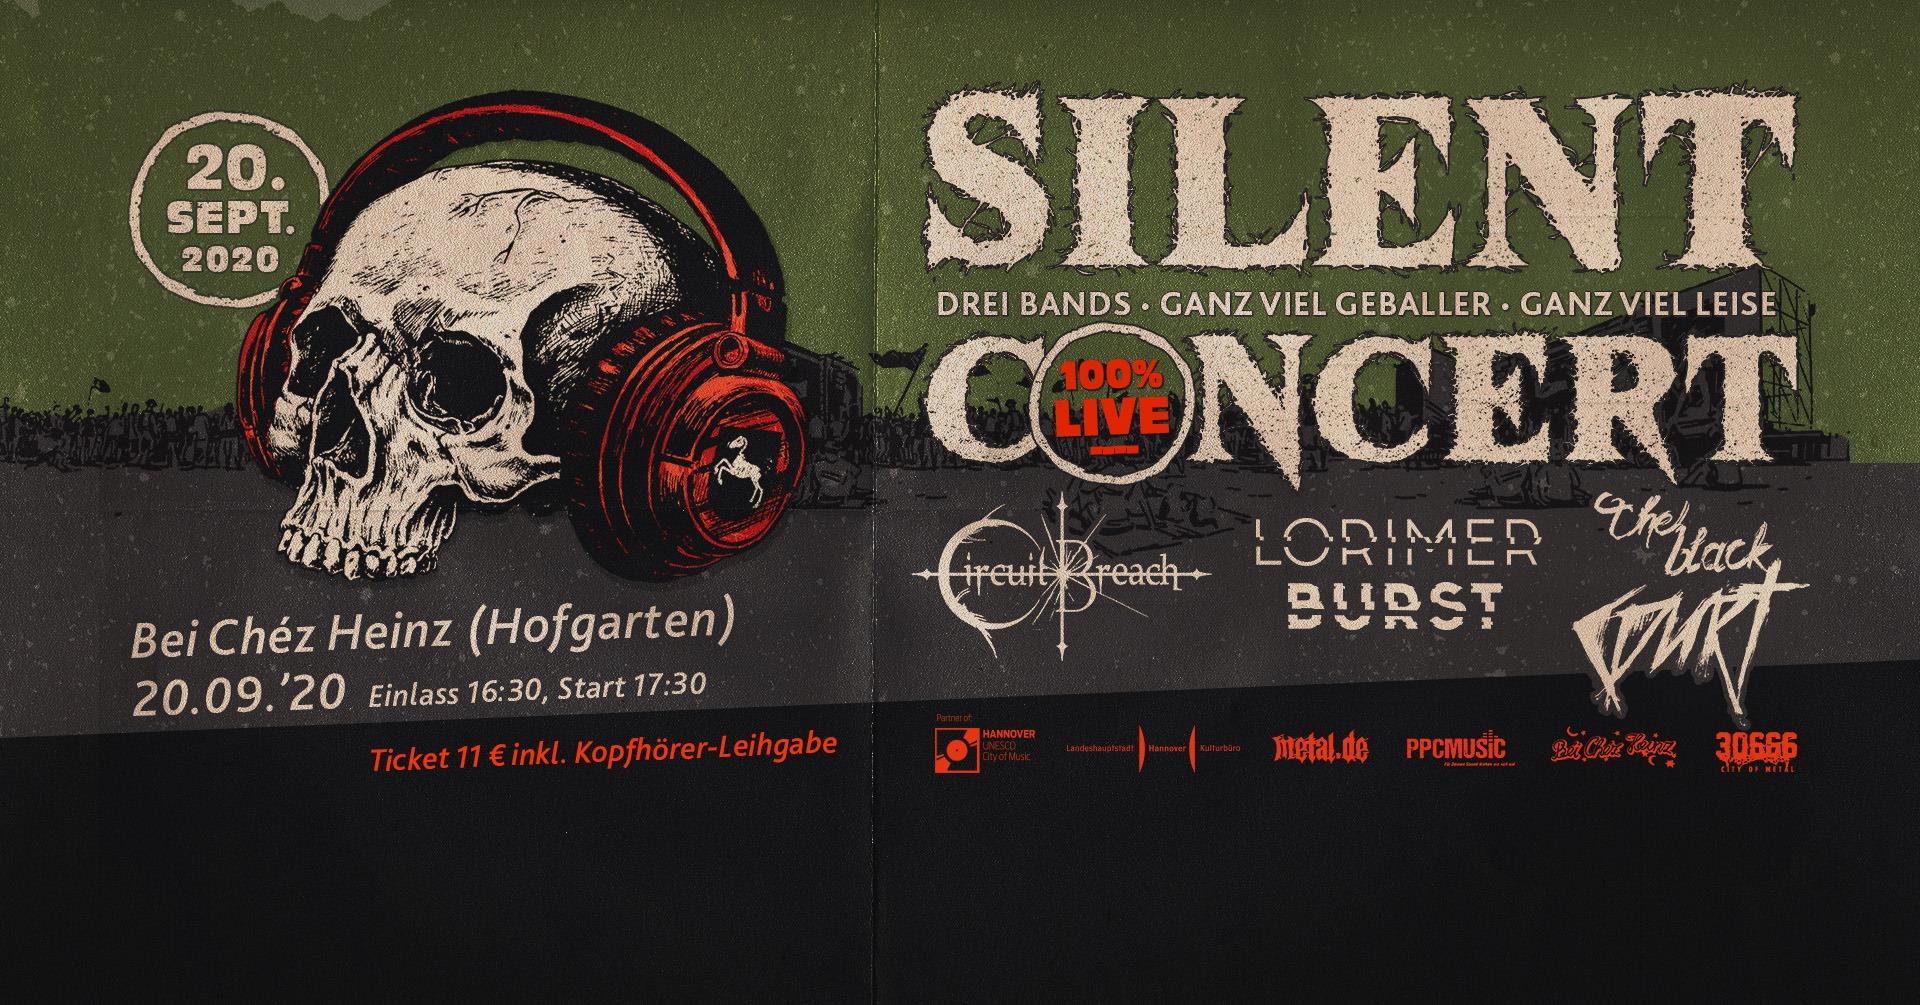 Silent Konzert Béi Chéz Heinz Hannover